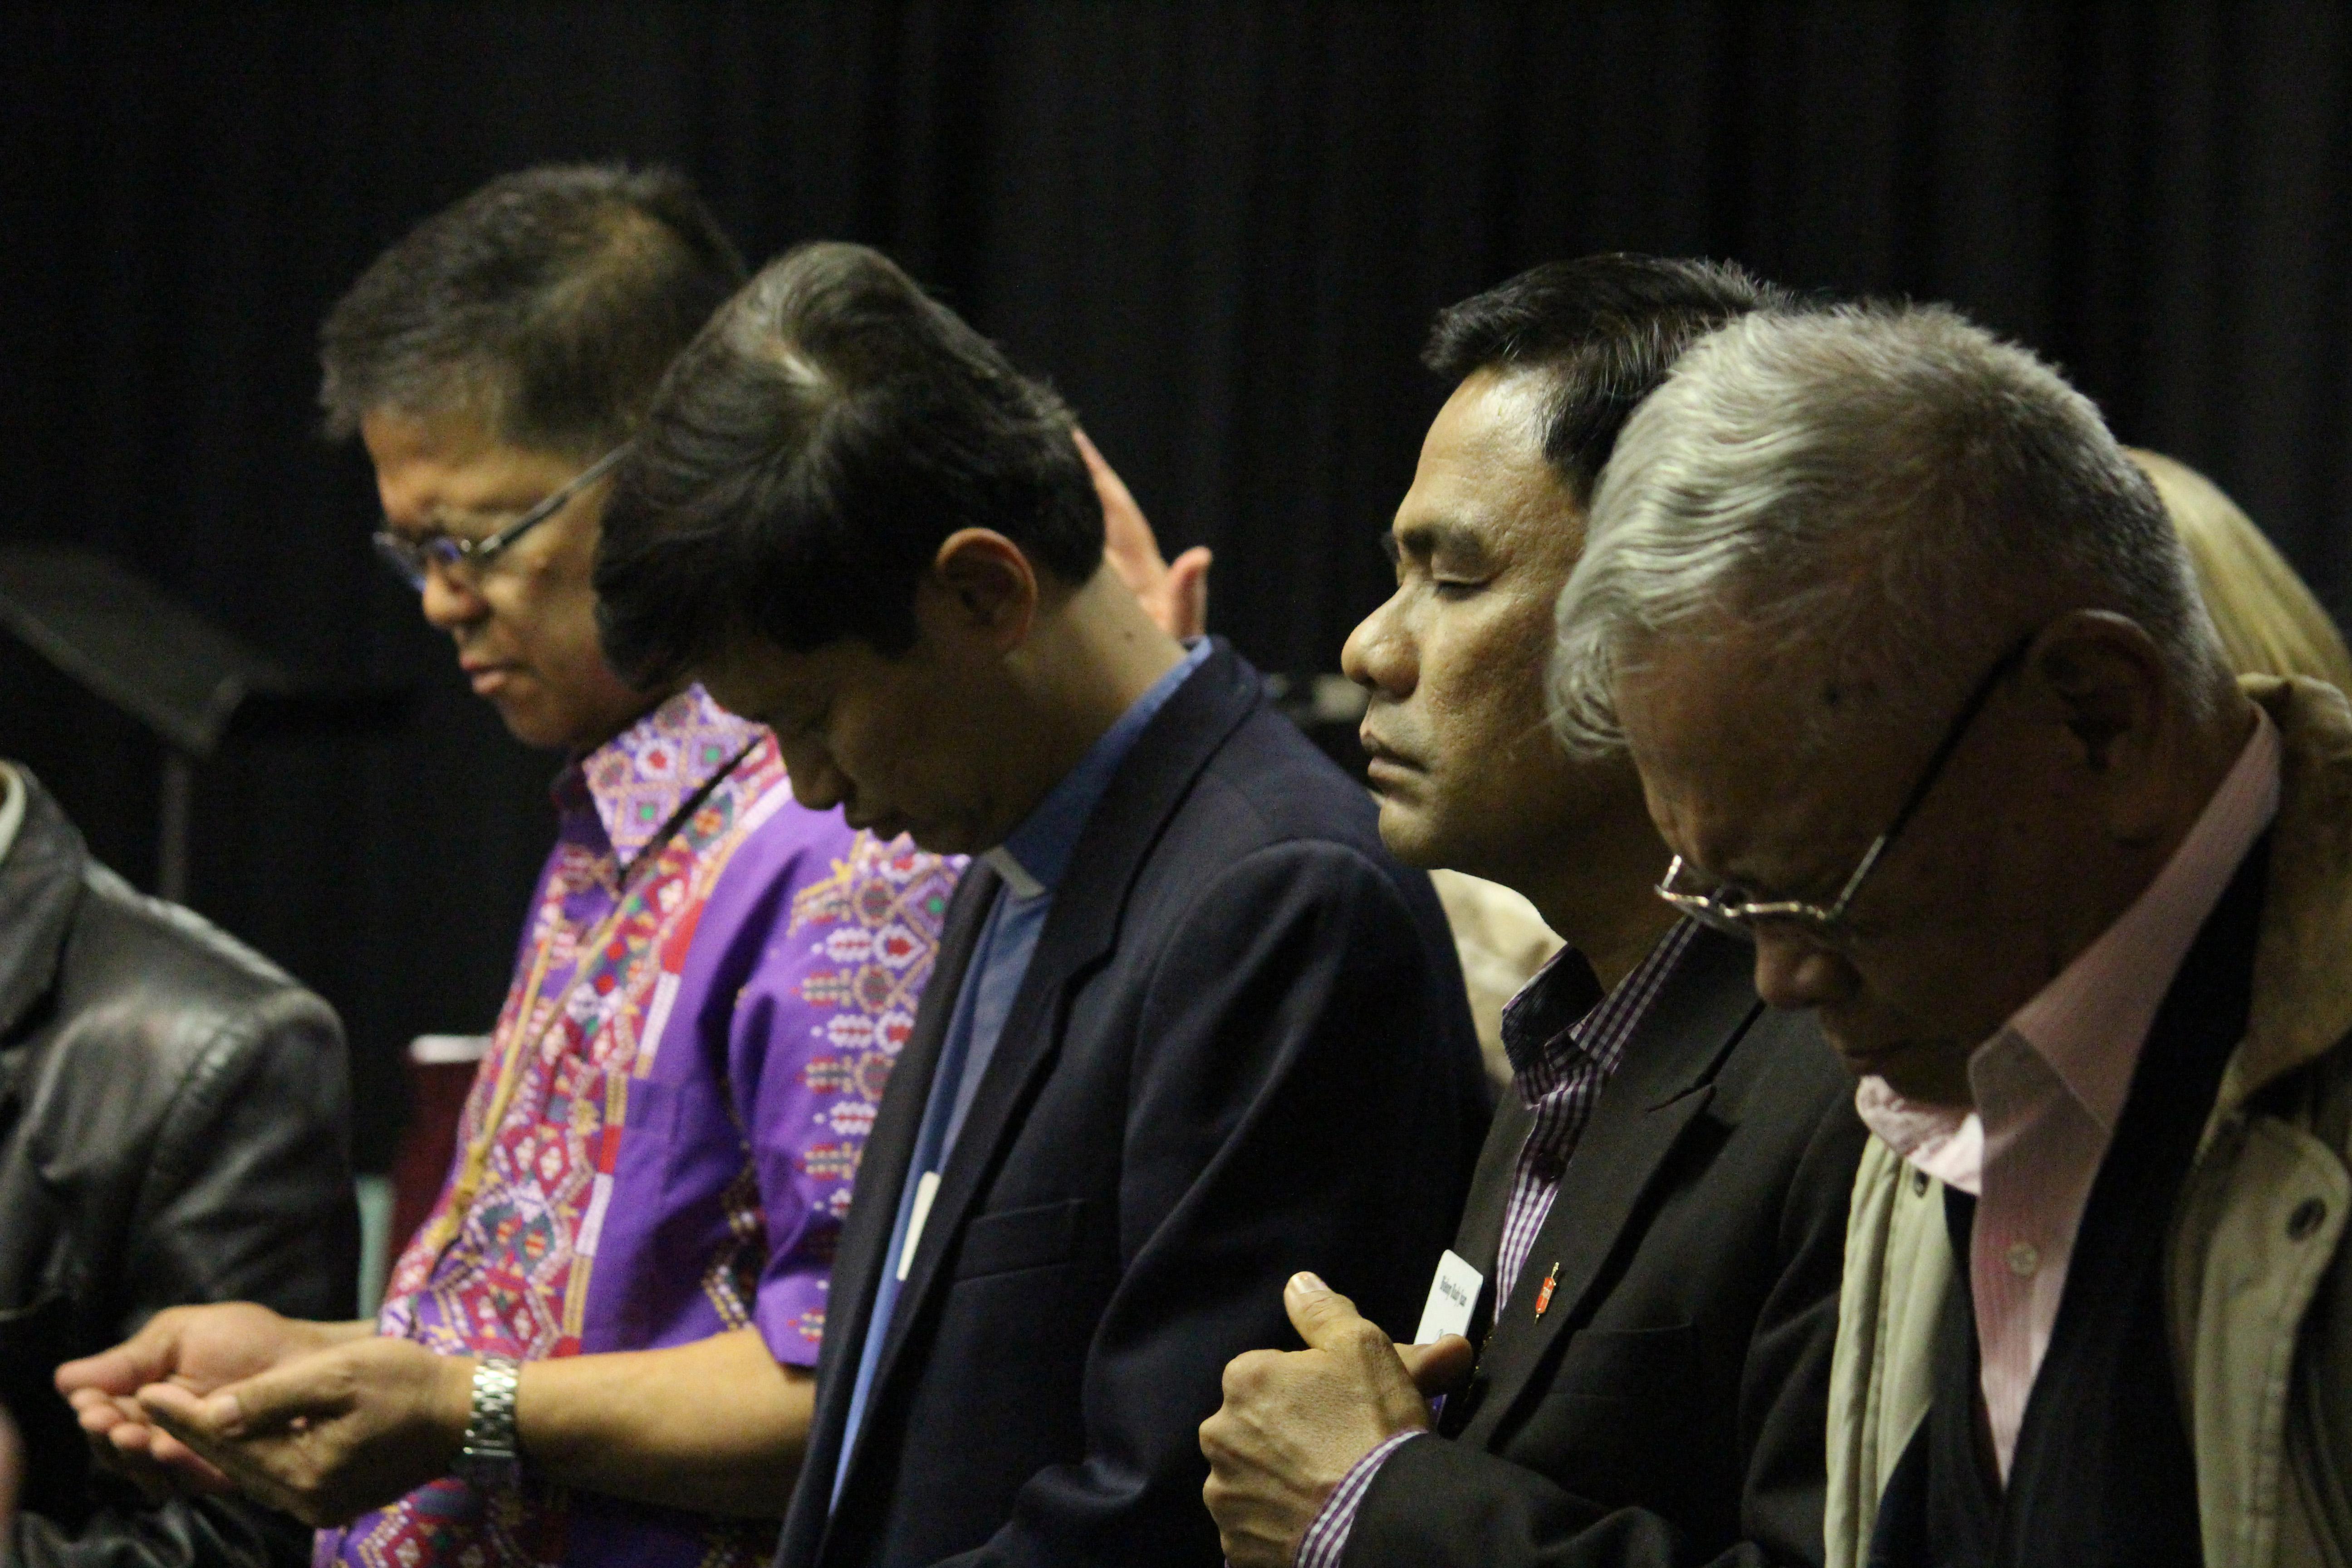 Los obispos filipinos Ciriaco Q. Francisco (izquierda), Pedro Torio Jr., Rodolfo A. Juan y Emerito Nacpil (retirado) oran durante una reunión en 2013 del Concilio de Obispos/as. En respuesta al coronavirus, los/as obispos/as activos pospusieron indefinidamente las sesiones de 17 conferencias anuales en Filipinas. Foto de archivo: Andrew Jensen.